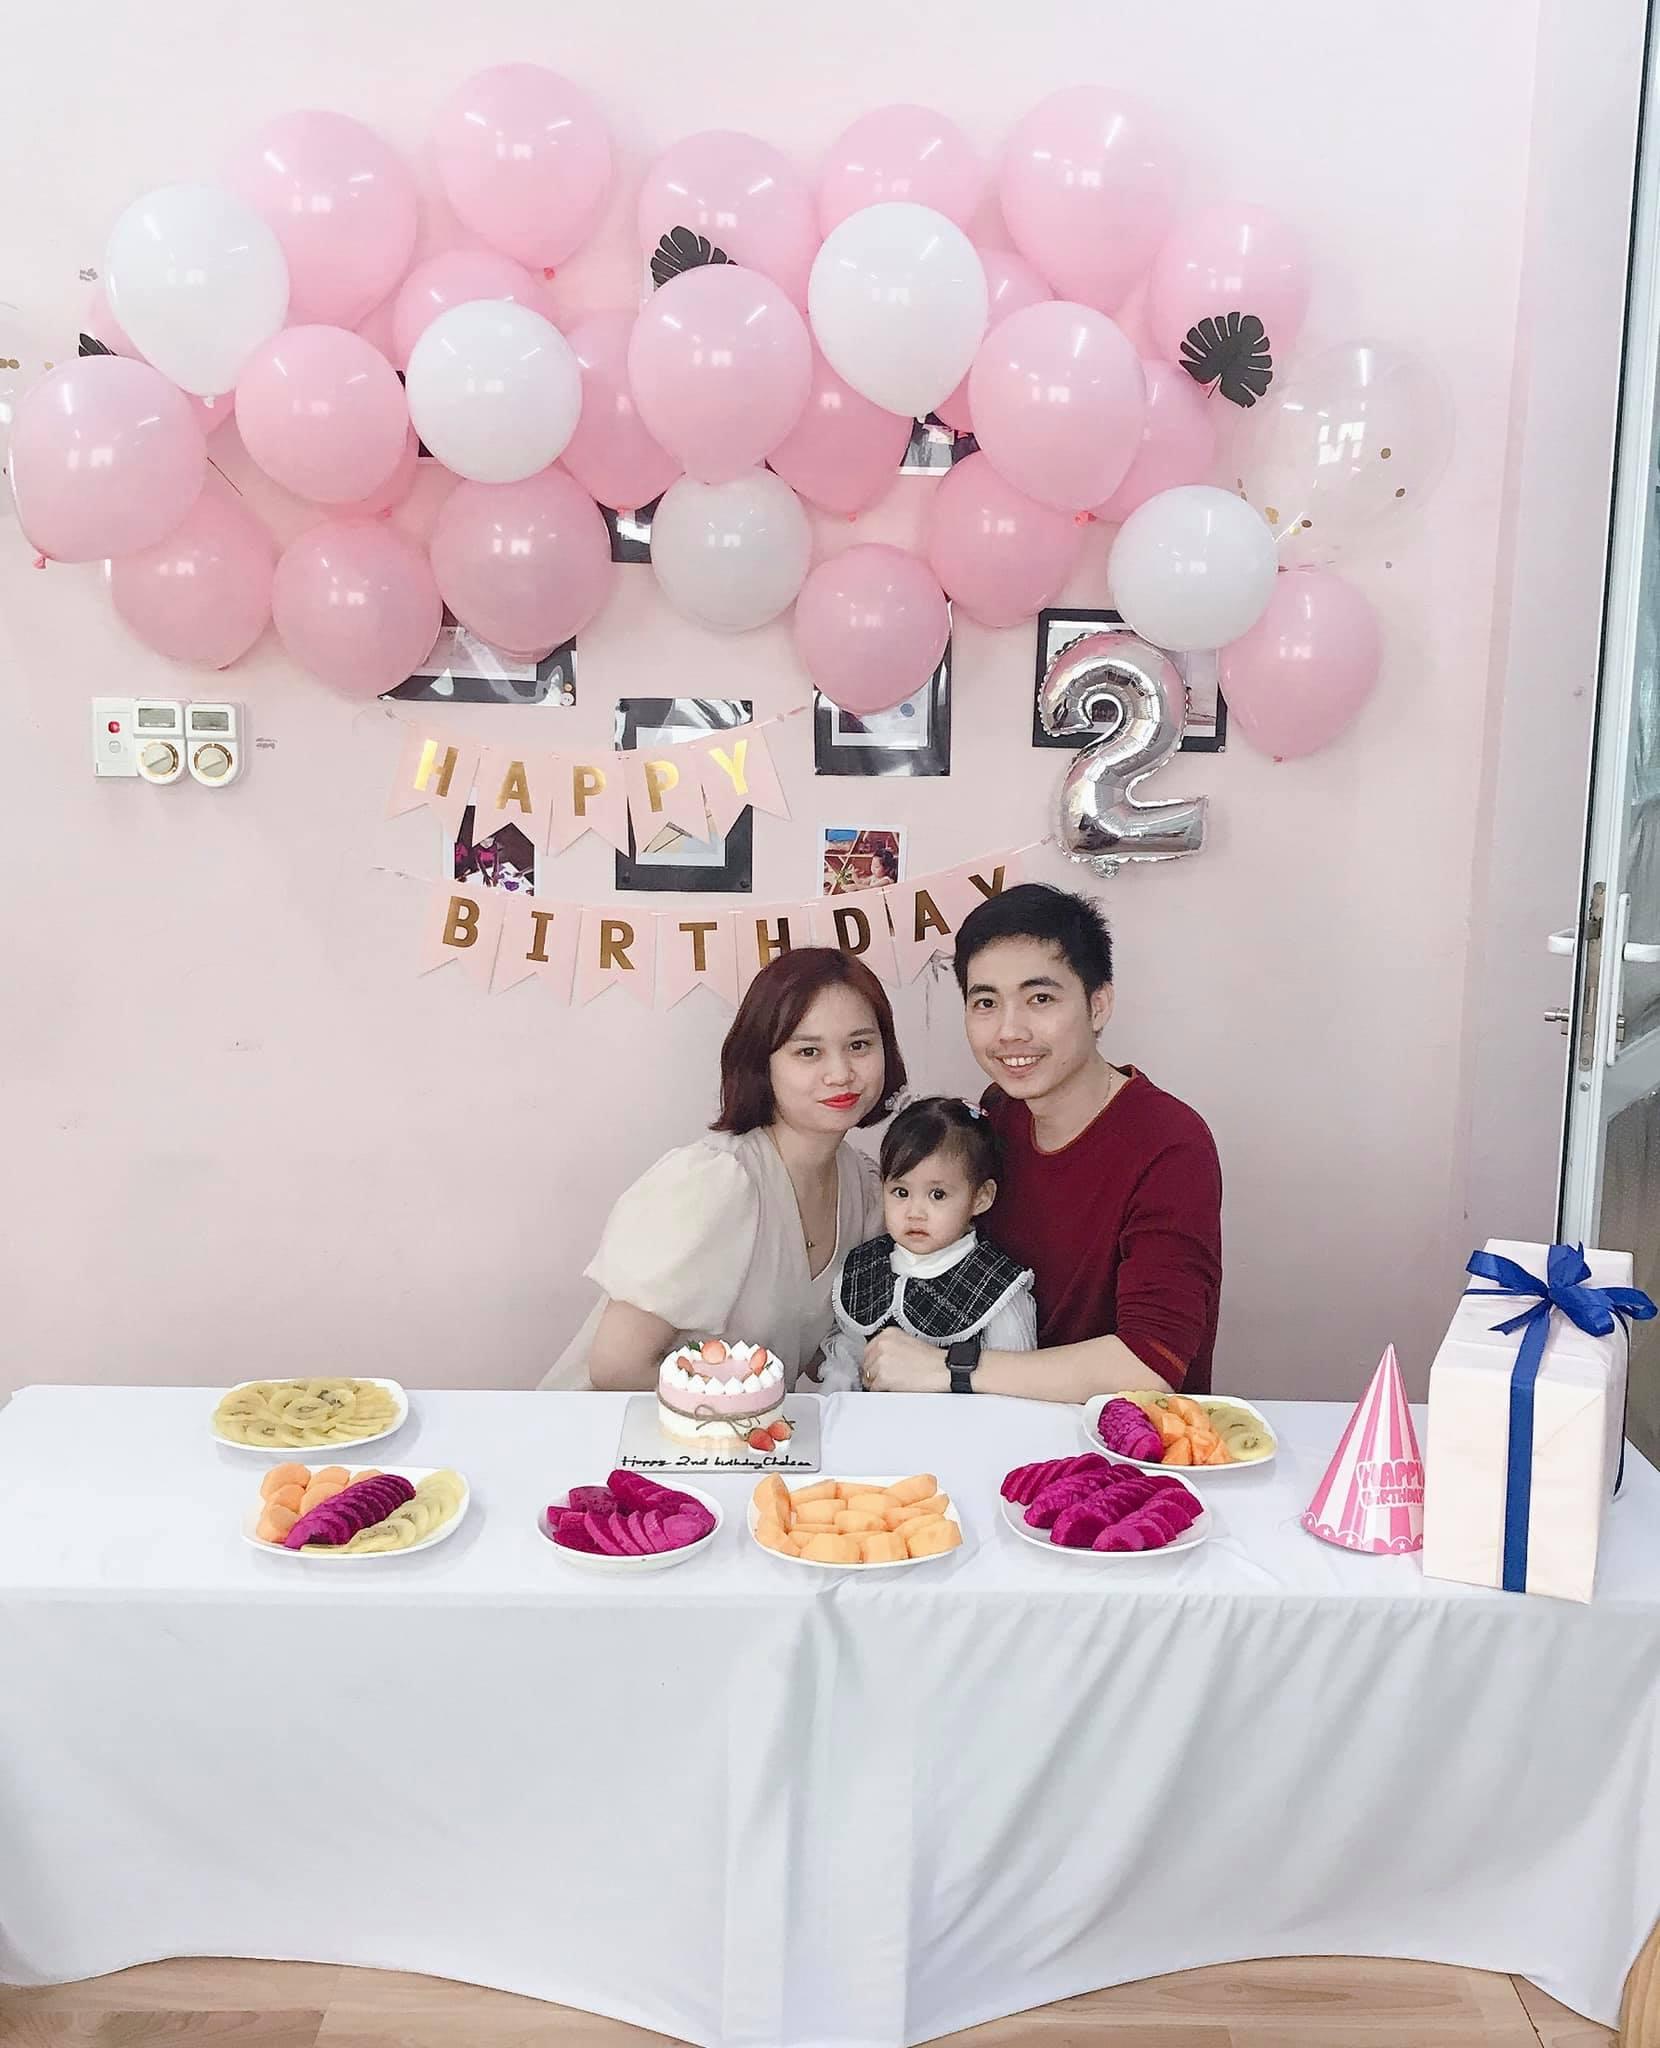 Tổ ấm nhỏ của hai vợ chồng chị Vân Anh cùng cô con gái 3 tuổi. Ảnh do nhân vật cung cấp